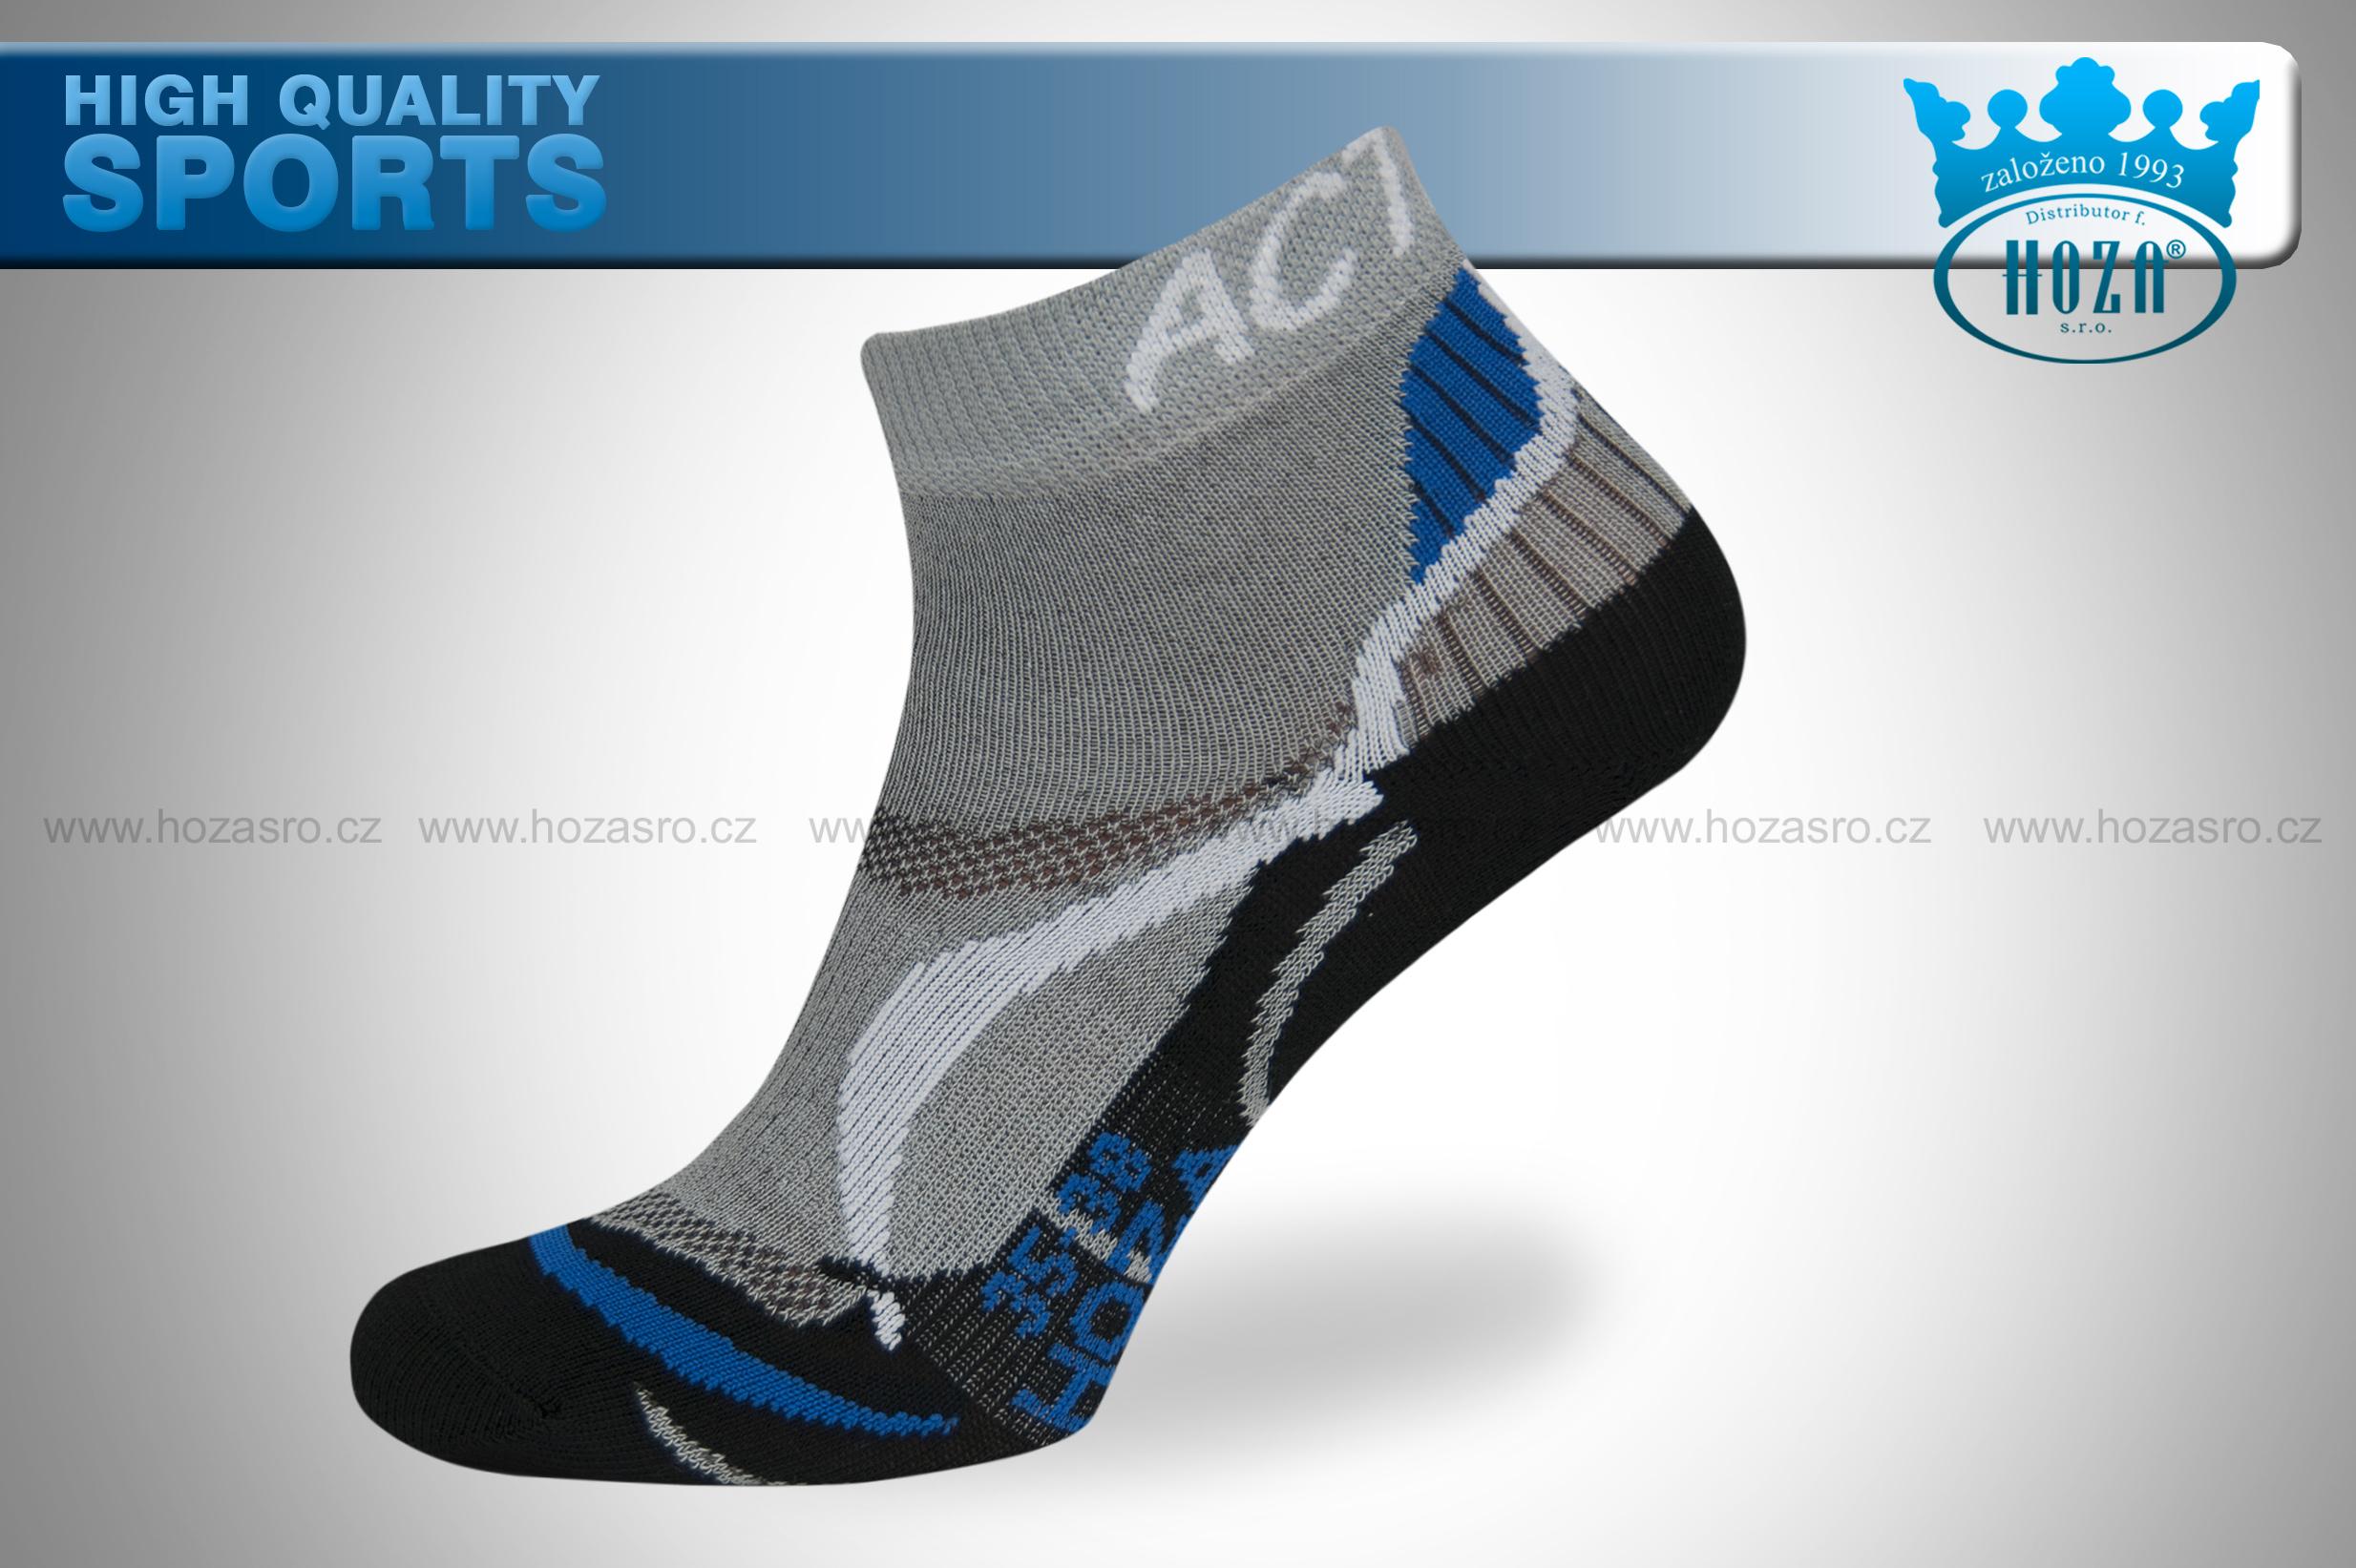 H3013 Kotníčkové funkční sportovní ponožky. otevřít v maximálním rozlišení 550dedf600